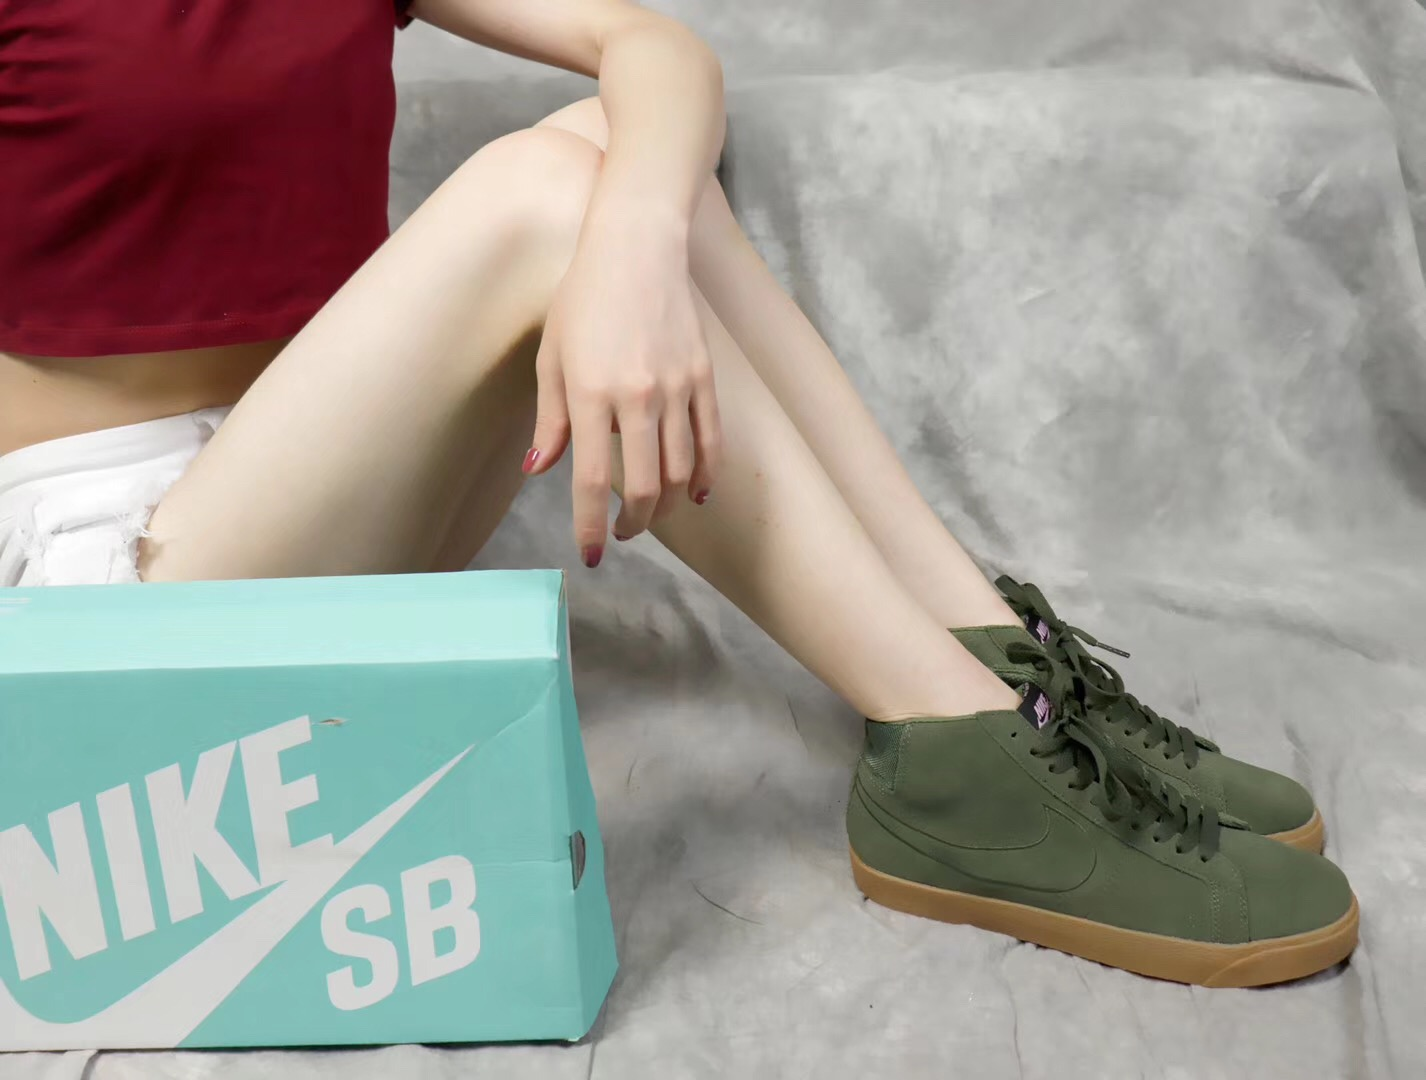 Giày nike nữ SB màu xanh rêu